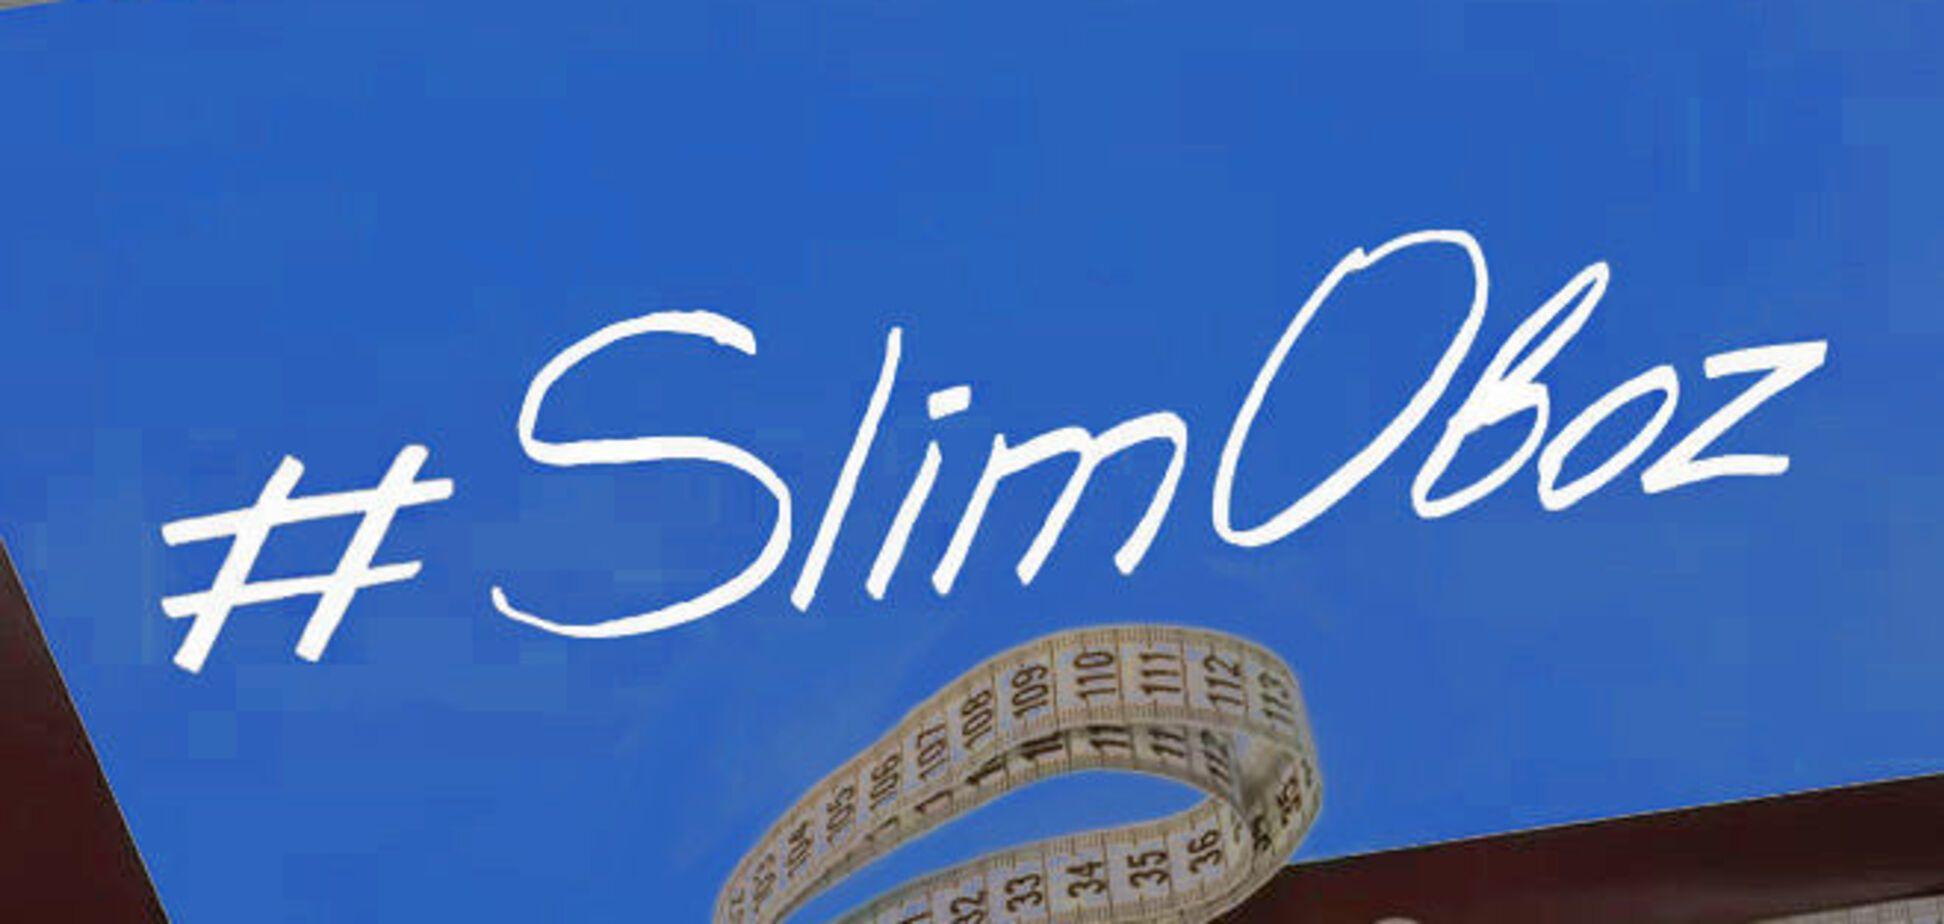 #SlimOboz - начинаем третью неделю проекта